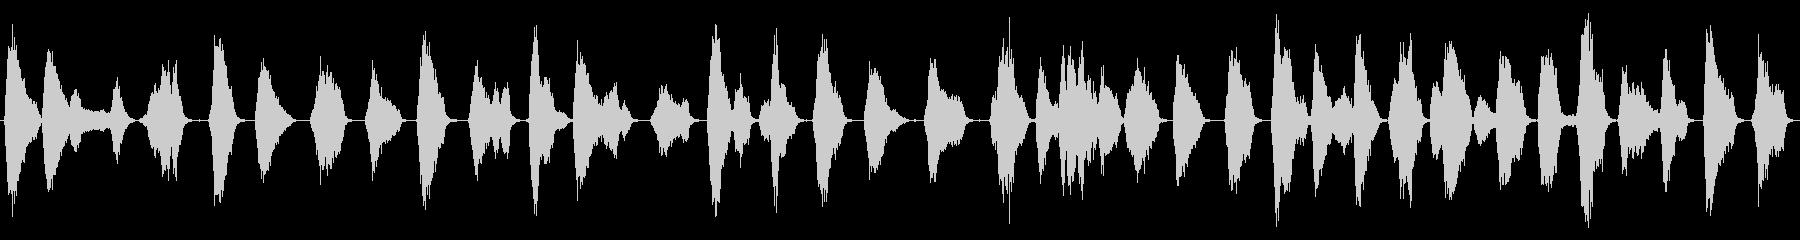 モッキンバードチックス:呼び出し、鳥の未再生の波形